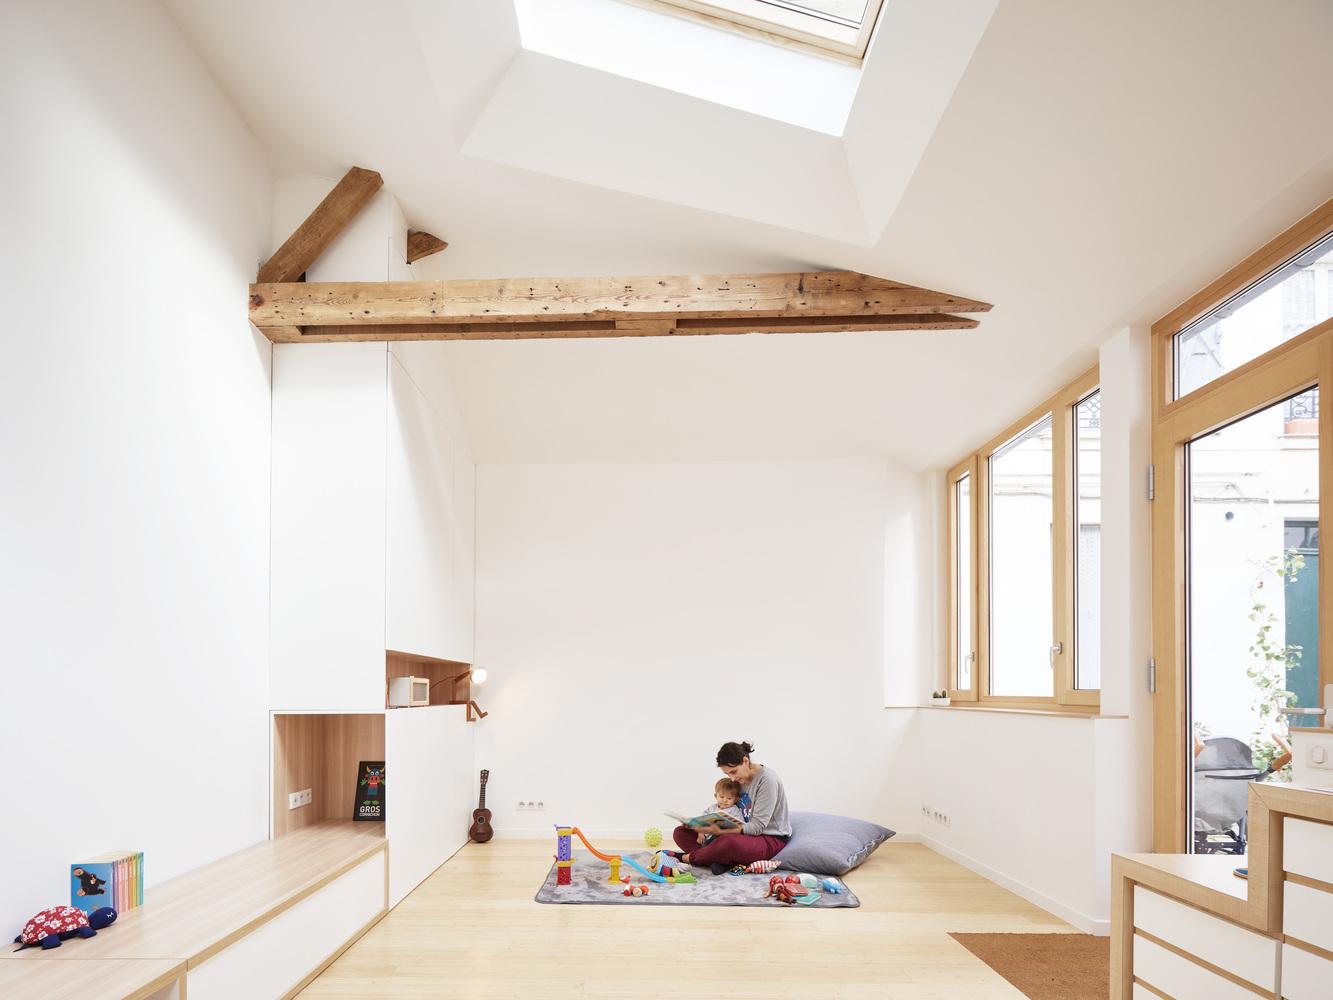 ¿Qué es el diseño de interiores (y por qué puede hacerte sentir mejor)?,Atelier_142 / Atelier Wilda.. Image © David Foessel